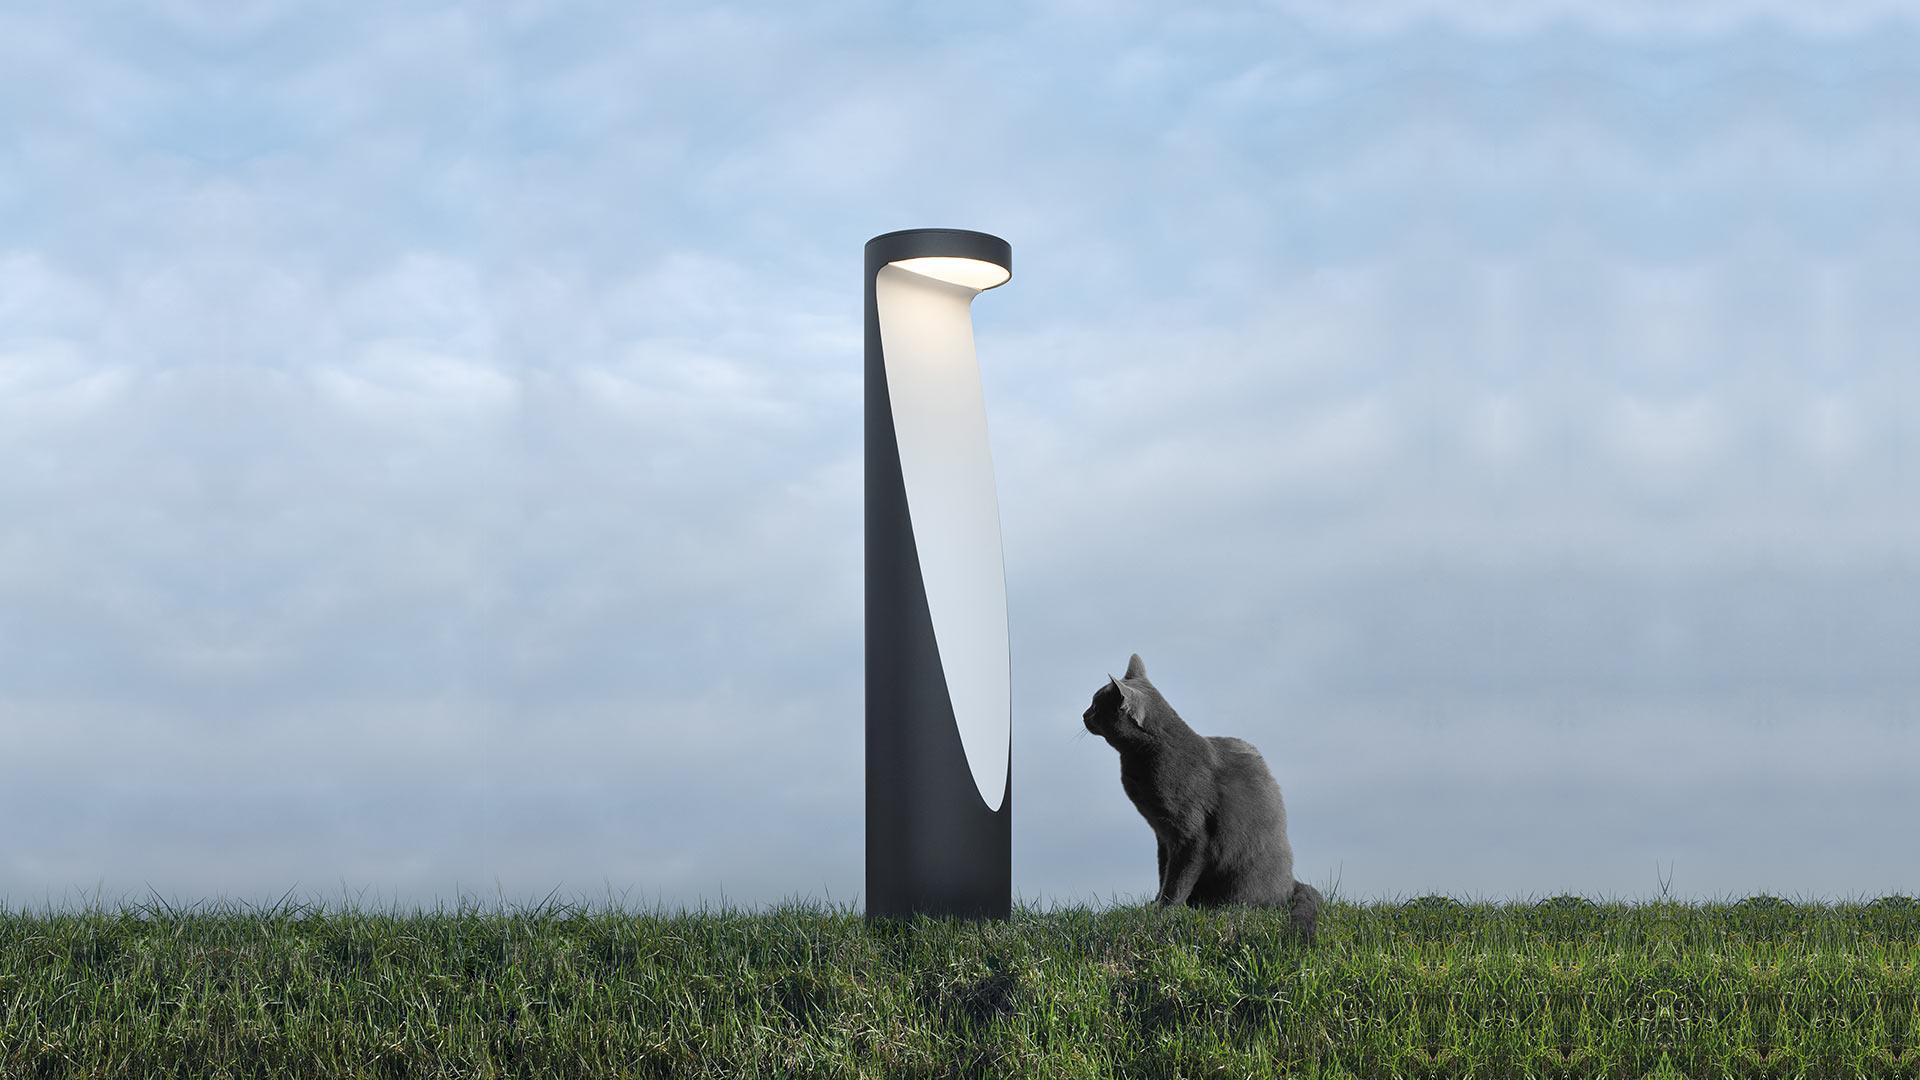 освещение, уличное освещение, уличные светильники, современное освещение, наружное освещение, наружные светильники, освещение придомовой территории, светильник уличный настенный, уличный светодиодные светильники, прожектор светодиодный уличный, уличное освещение калининград, светильники калининград, уличный свет калининград, прожекторы калининград, фонари калининград